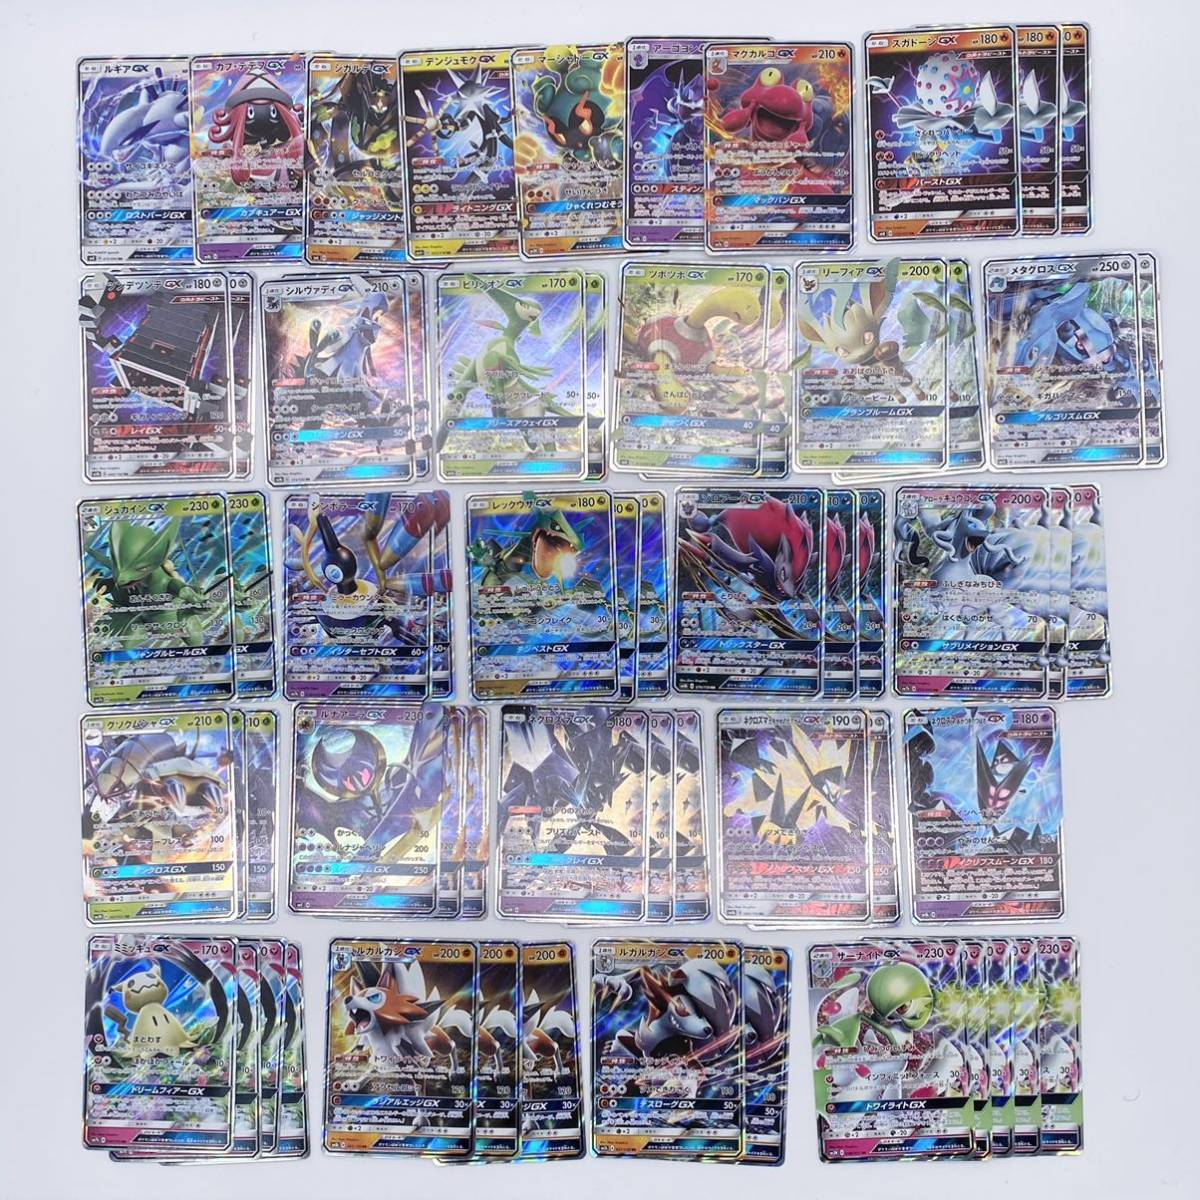 ポケモンカード GX カードのみ 60枚セット 大量出品中 ルギア カプテテフ レックウザ ゾロアーク まとめ売り 引退 pokemon RR